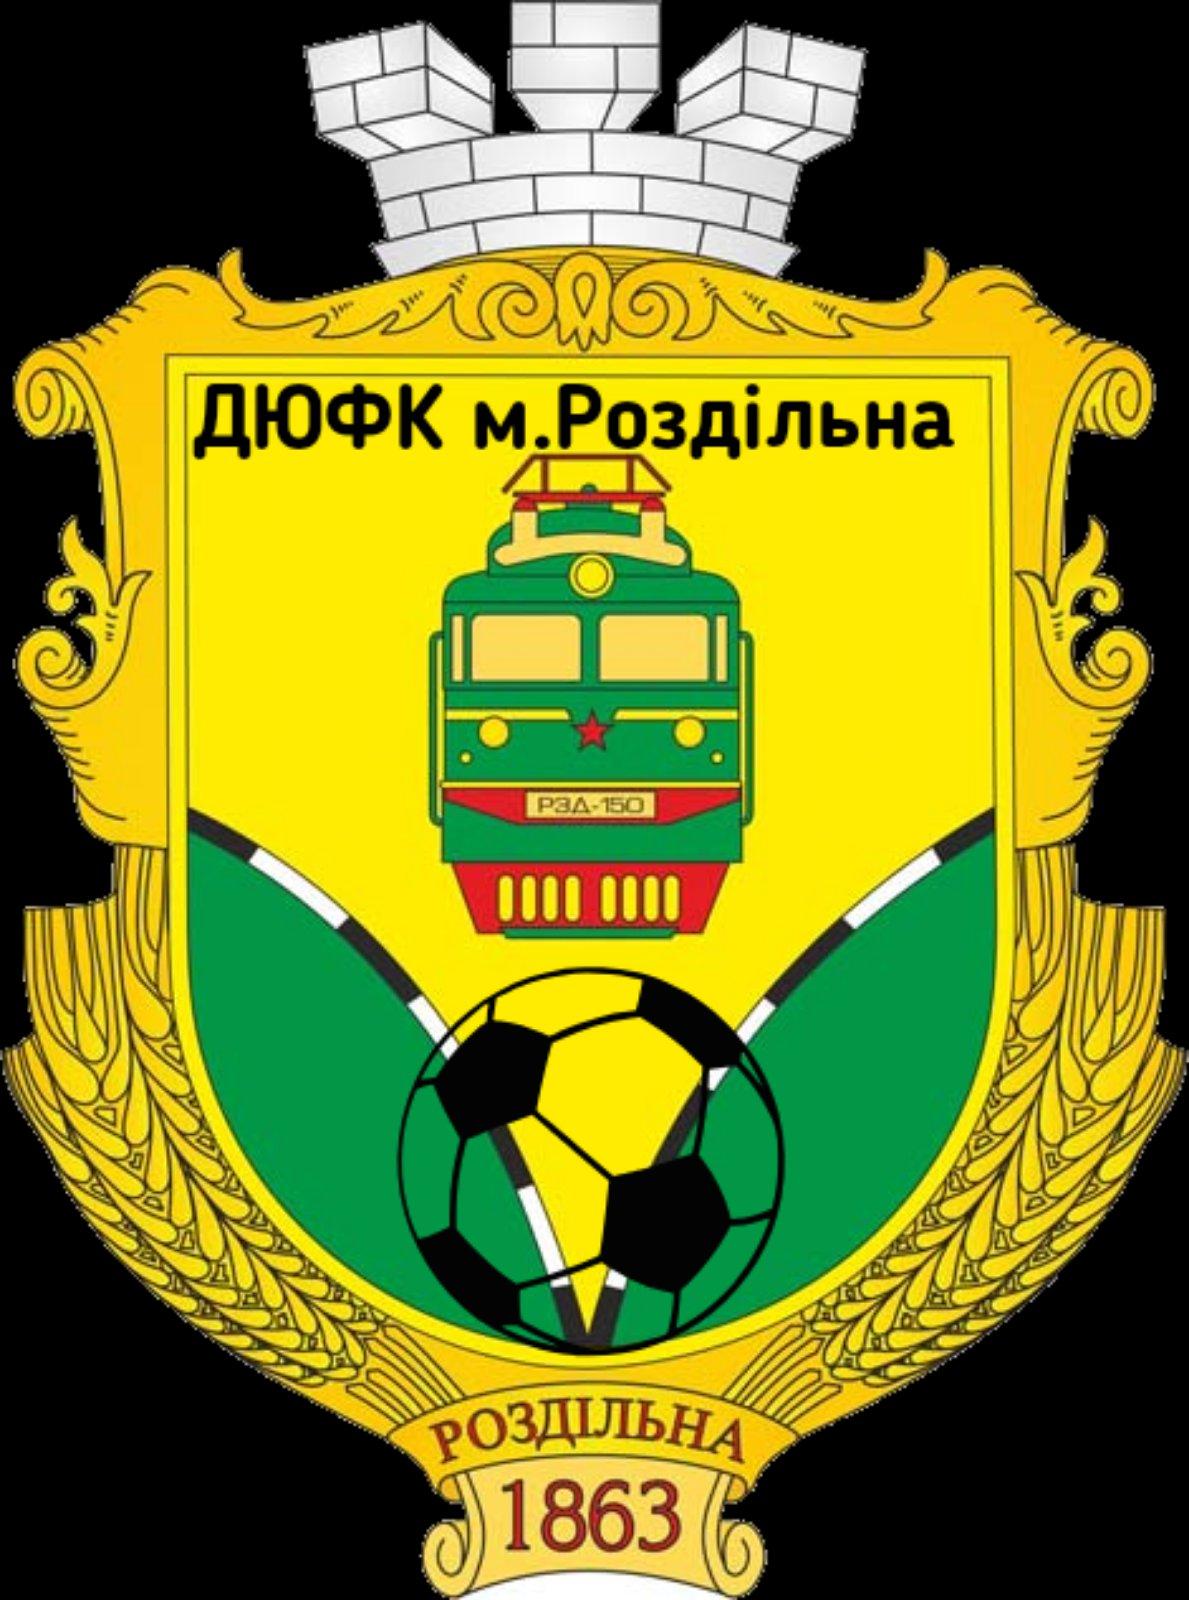 ДЮФК м. Роздільна, Одеська обл.